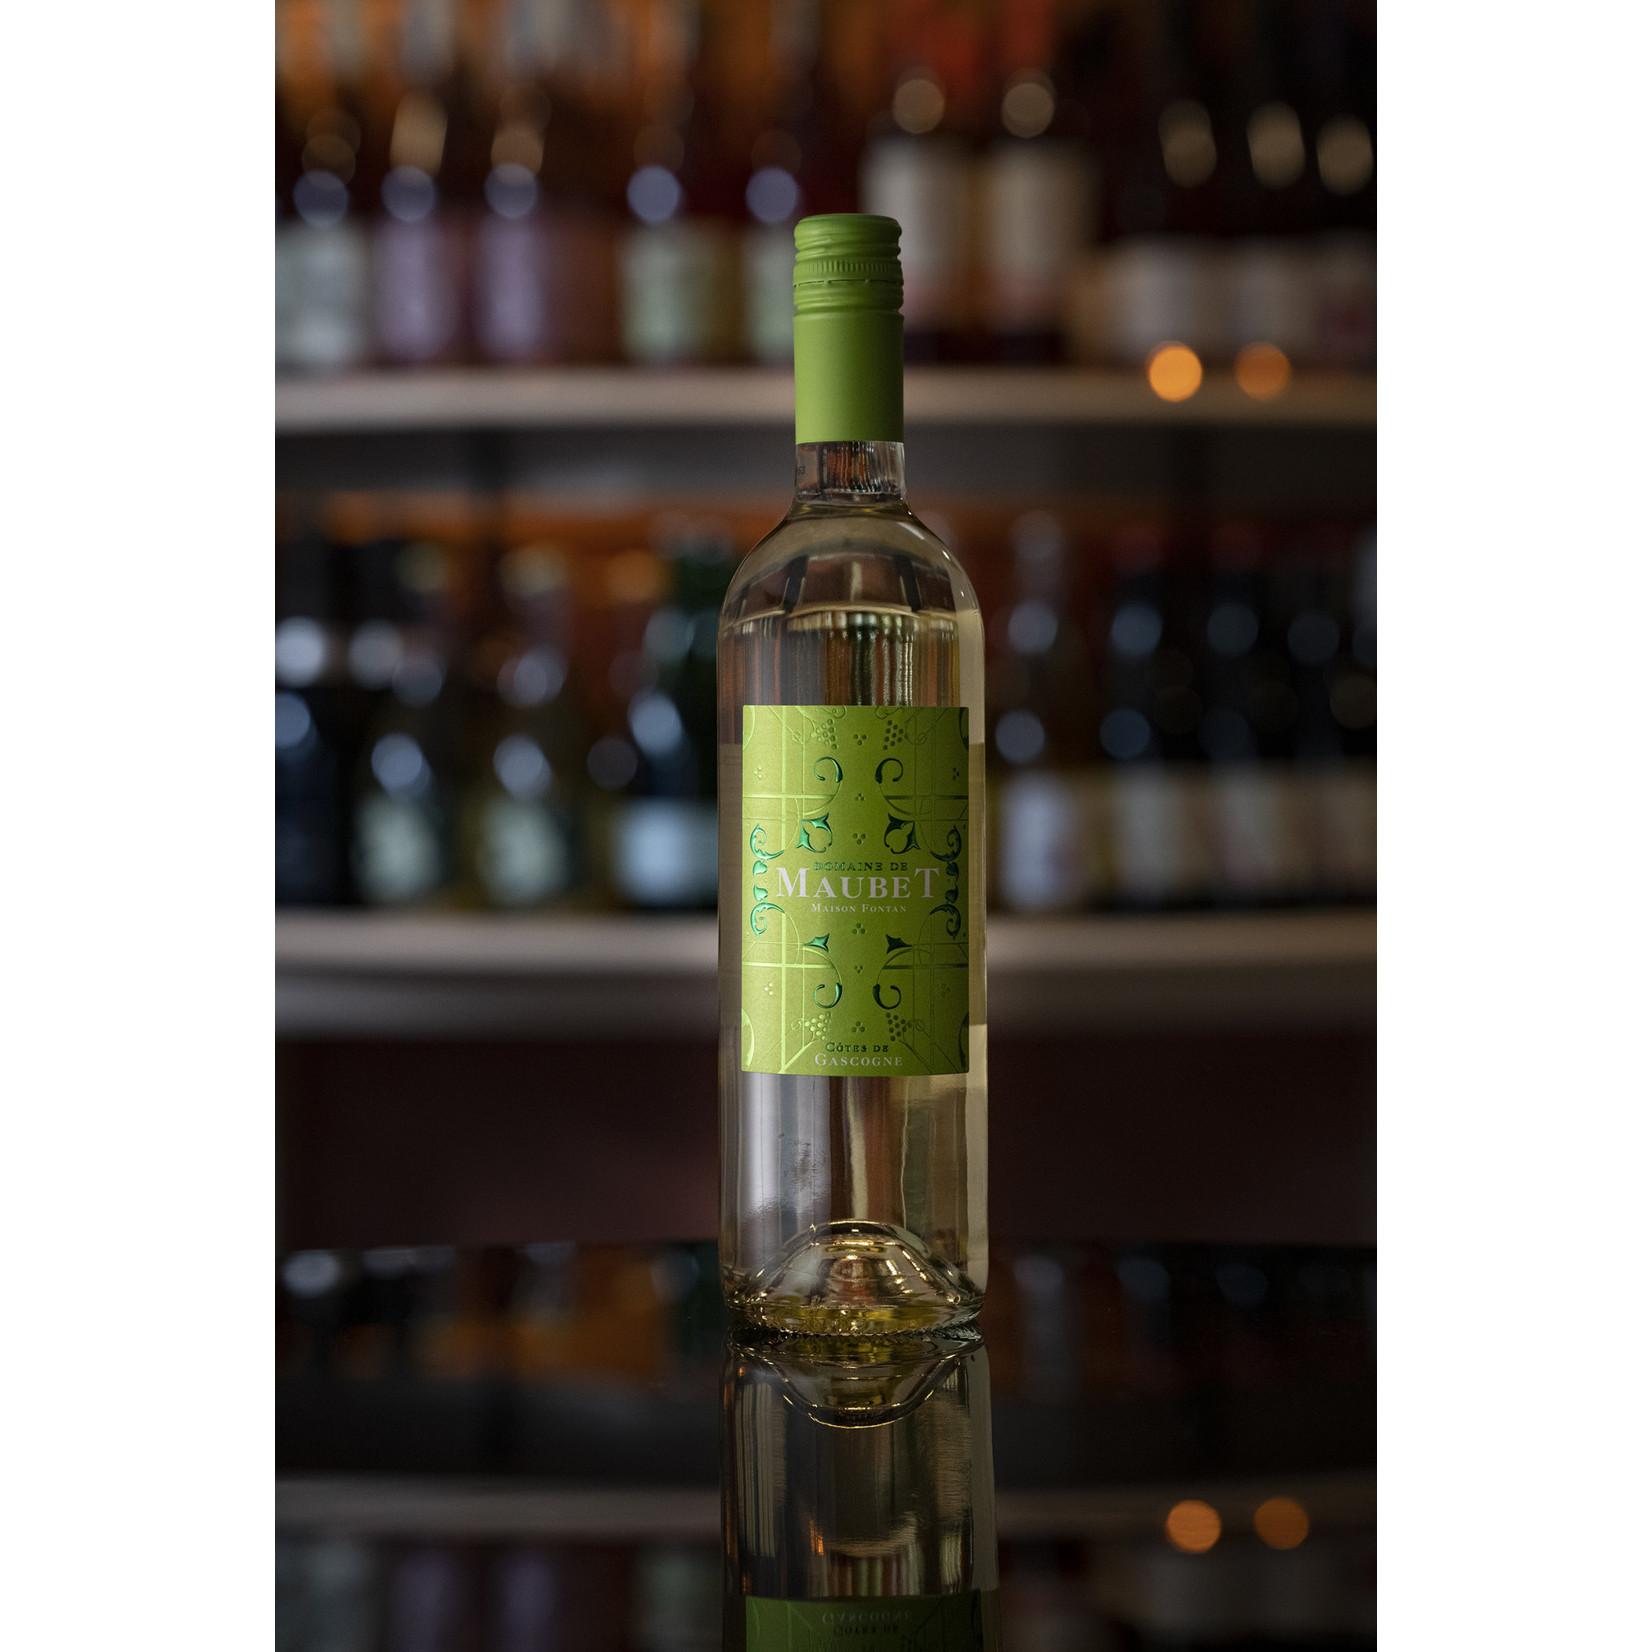 2019 Colombard blend, Domaine de Maubet Côtes de Gascogne Blanc Sec